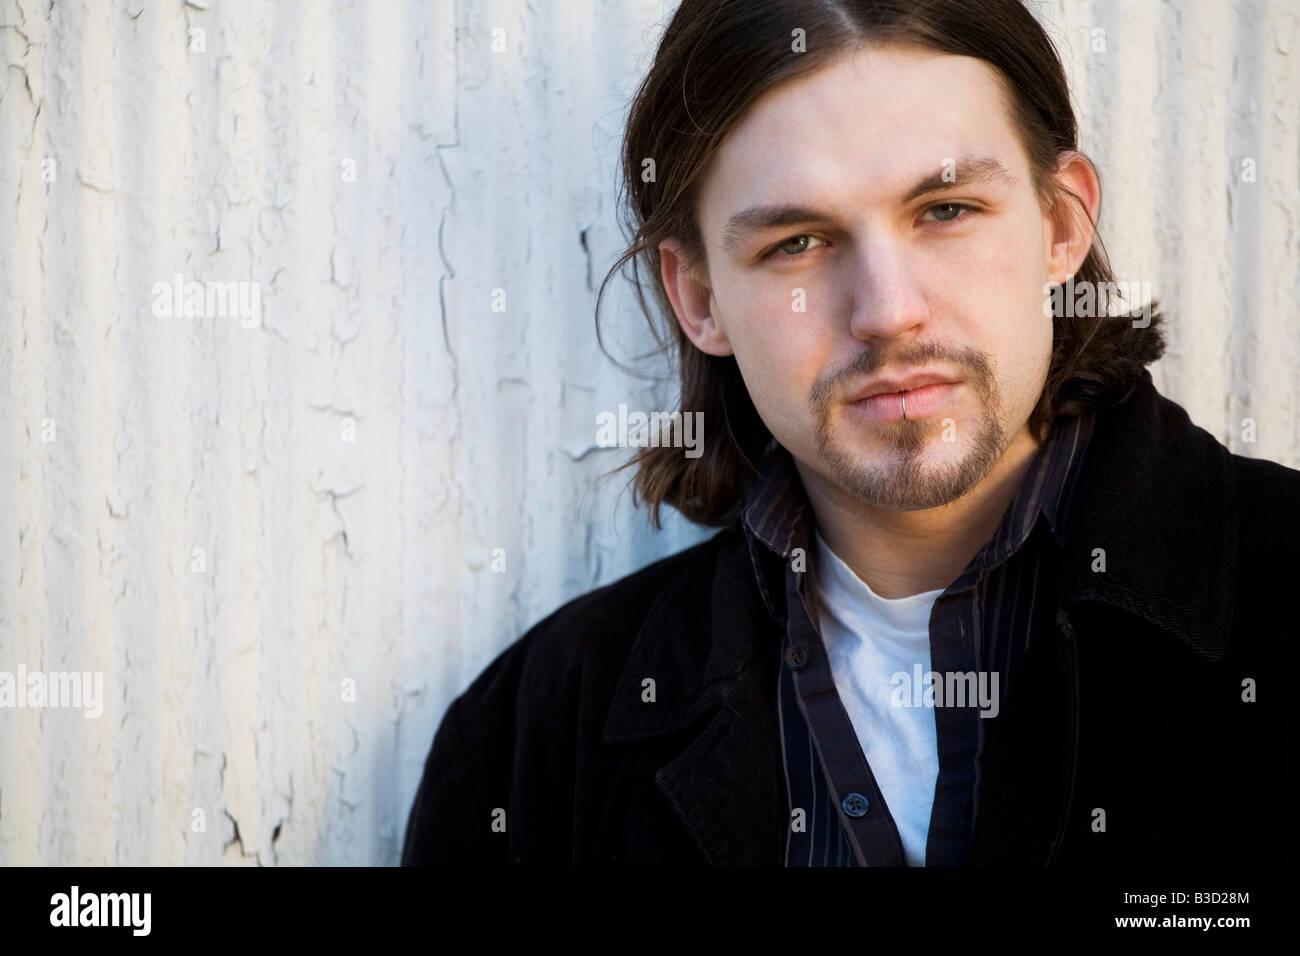 Junger Mann mit Lippe piercing, Porträt Stockfoto